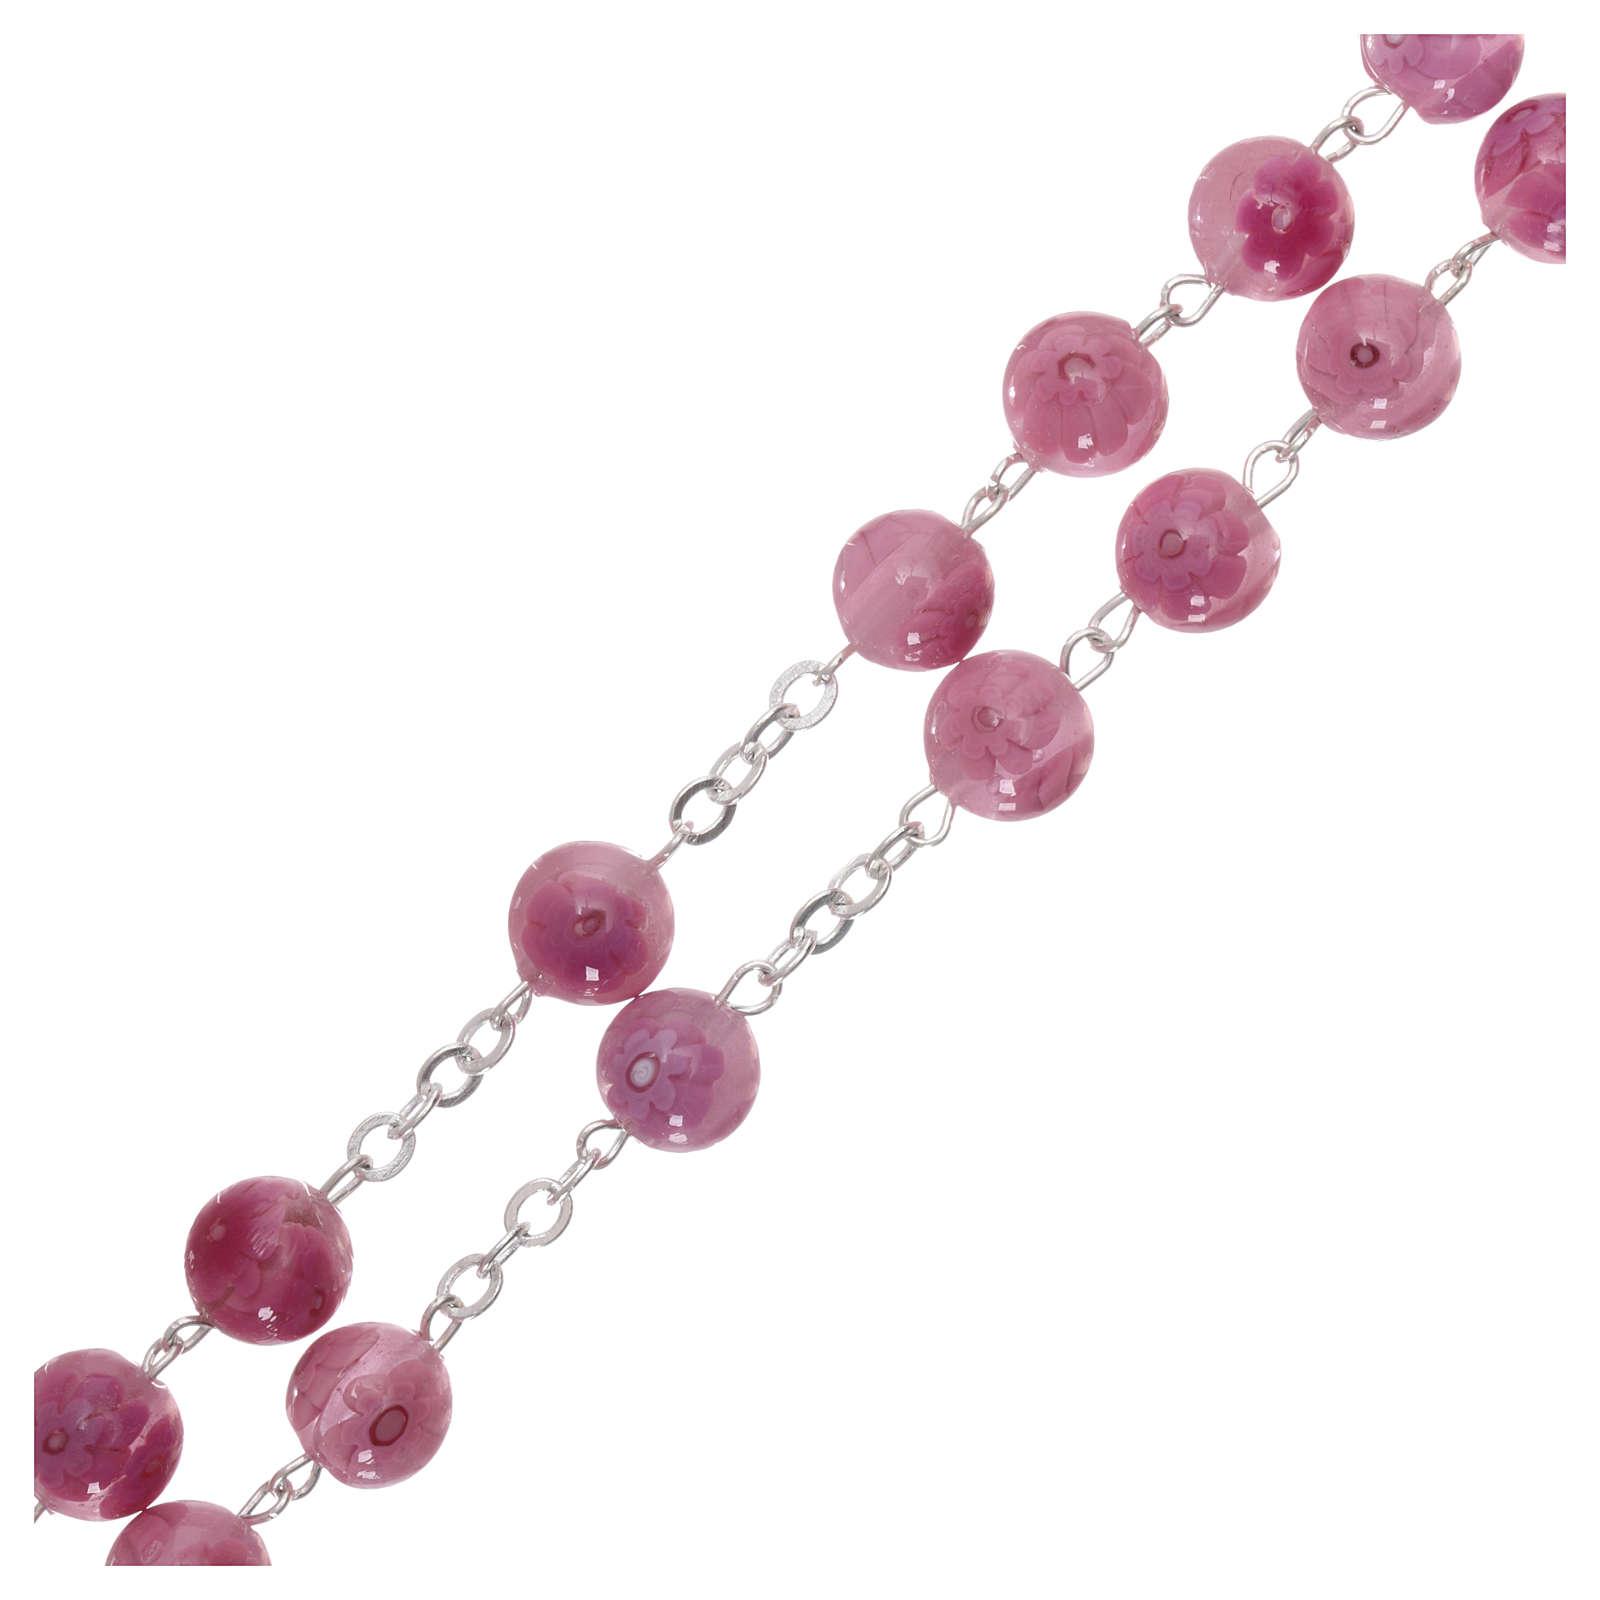 Rosario de vidrio de Murano rosa con motivos florales 8 mm 4